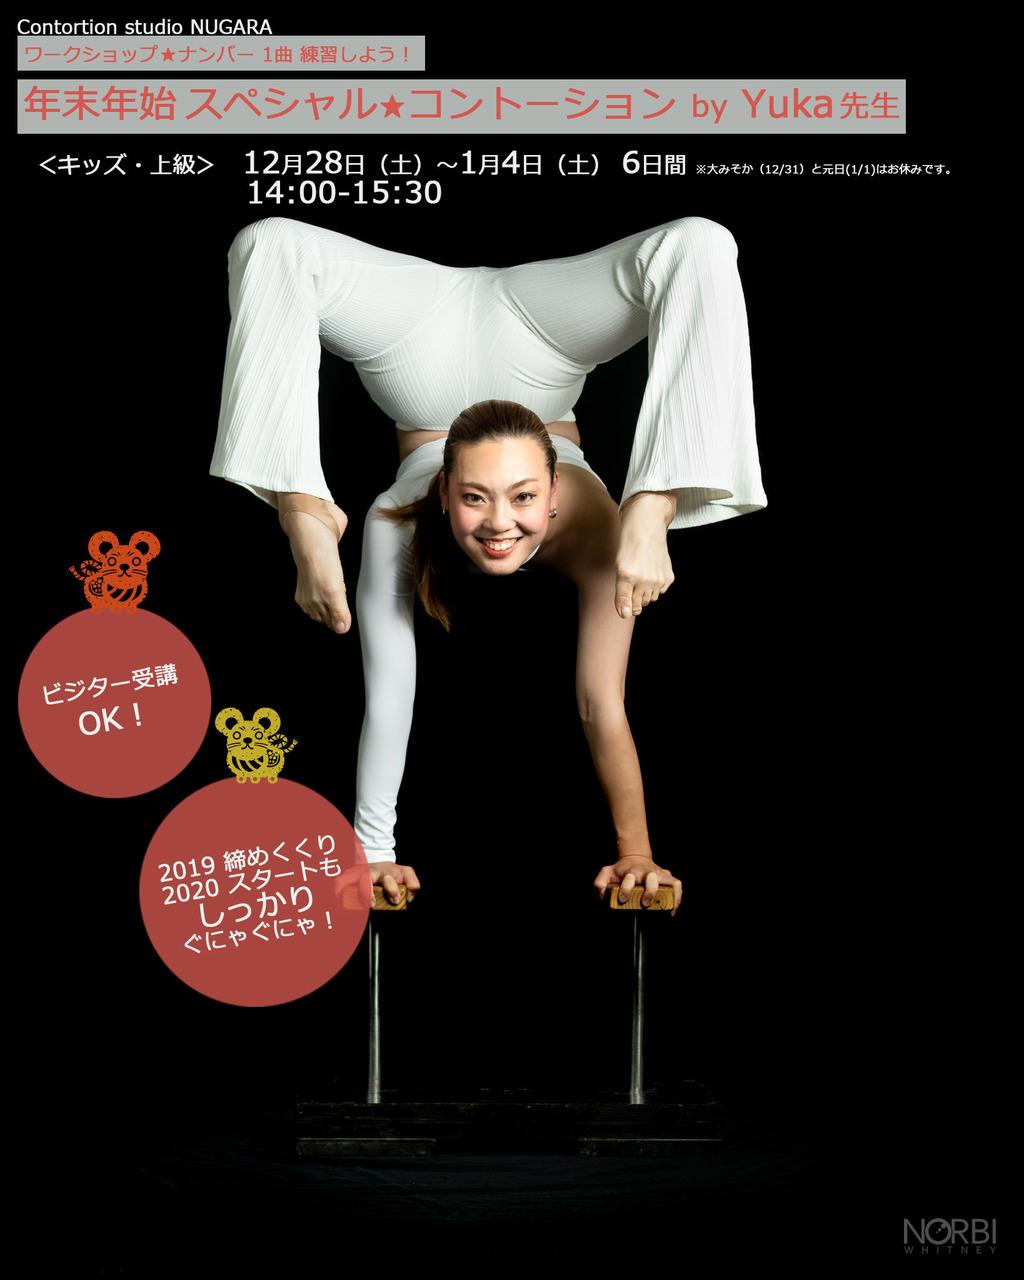 ワークショップ「年末年始スペシャル・コントーション」<上級> / Yuka